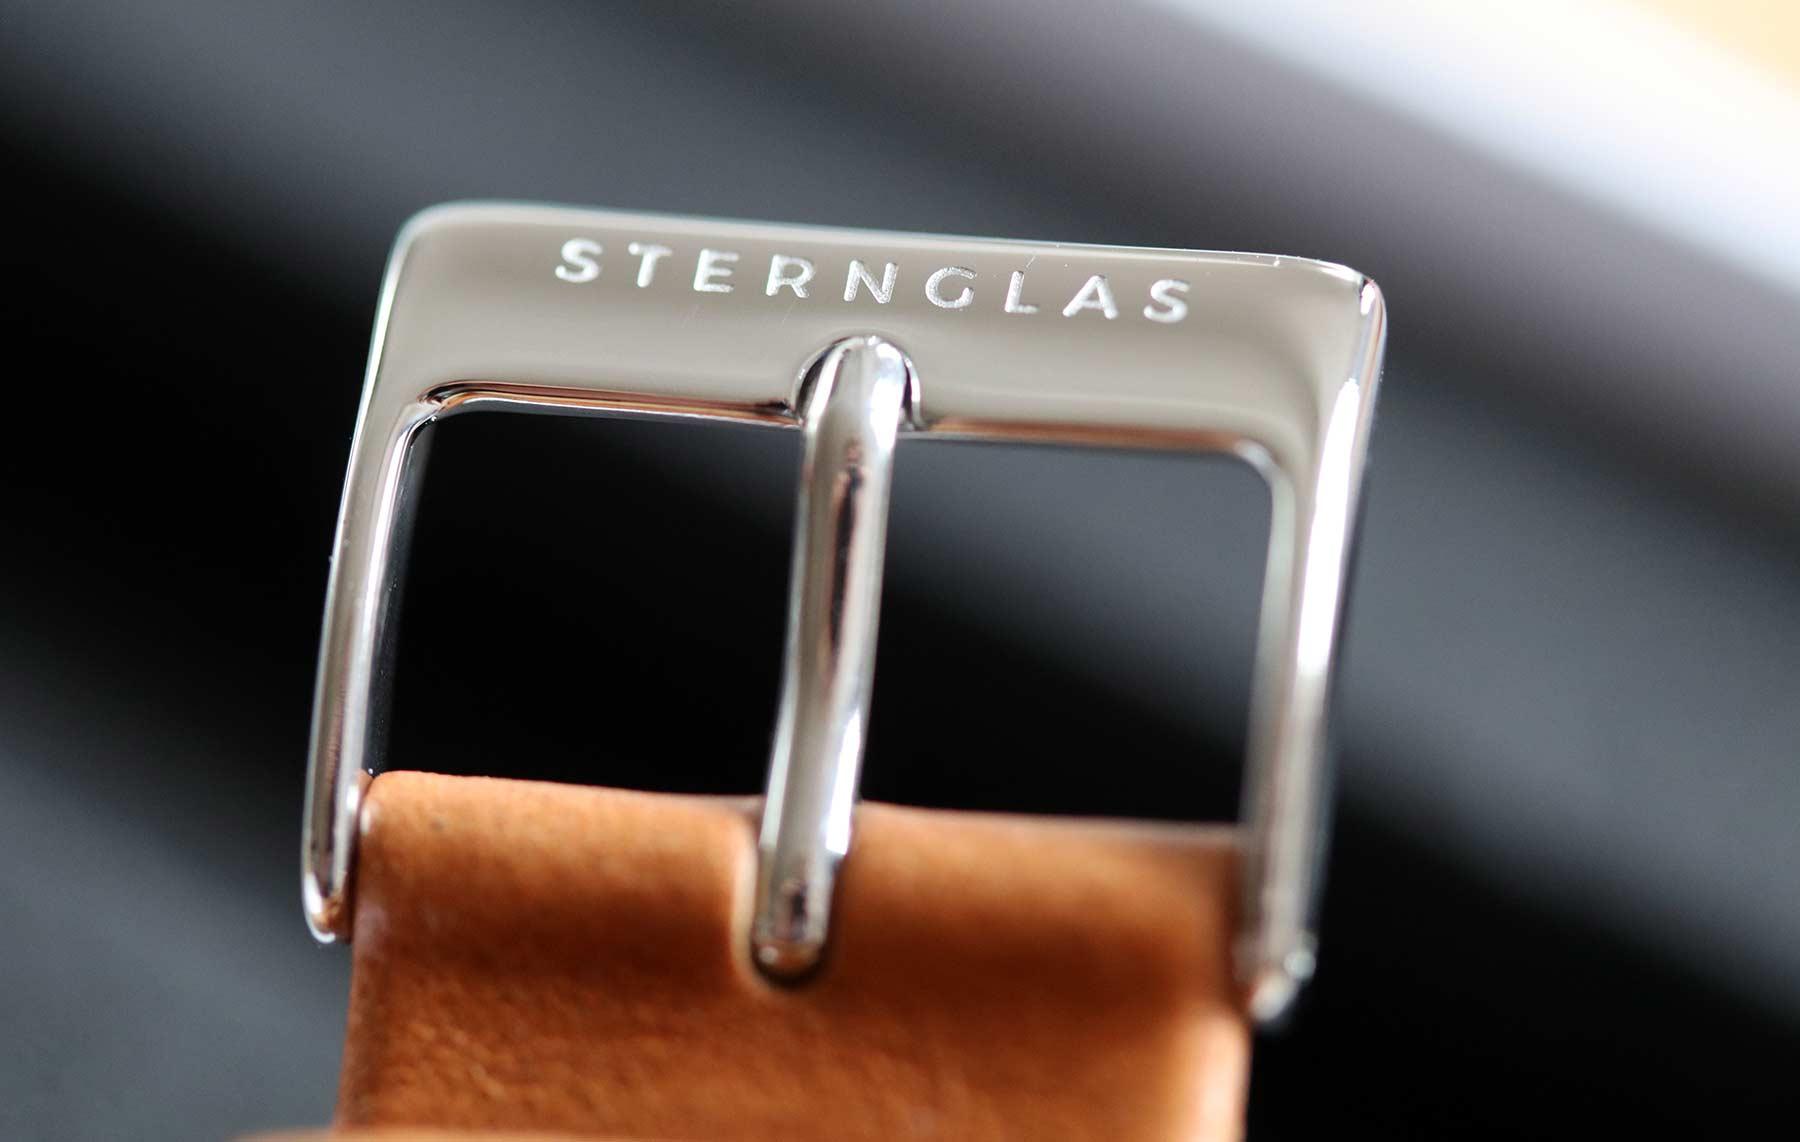 Minimalistisch-schick: STERNGLAS STERNGLAS_Uhren_03